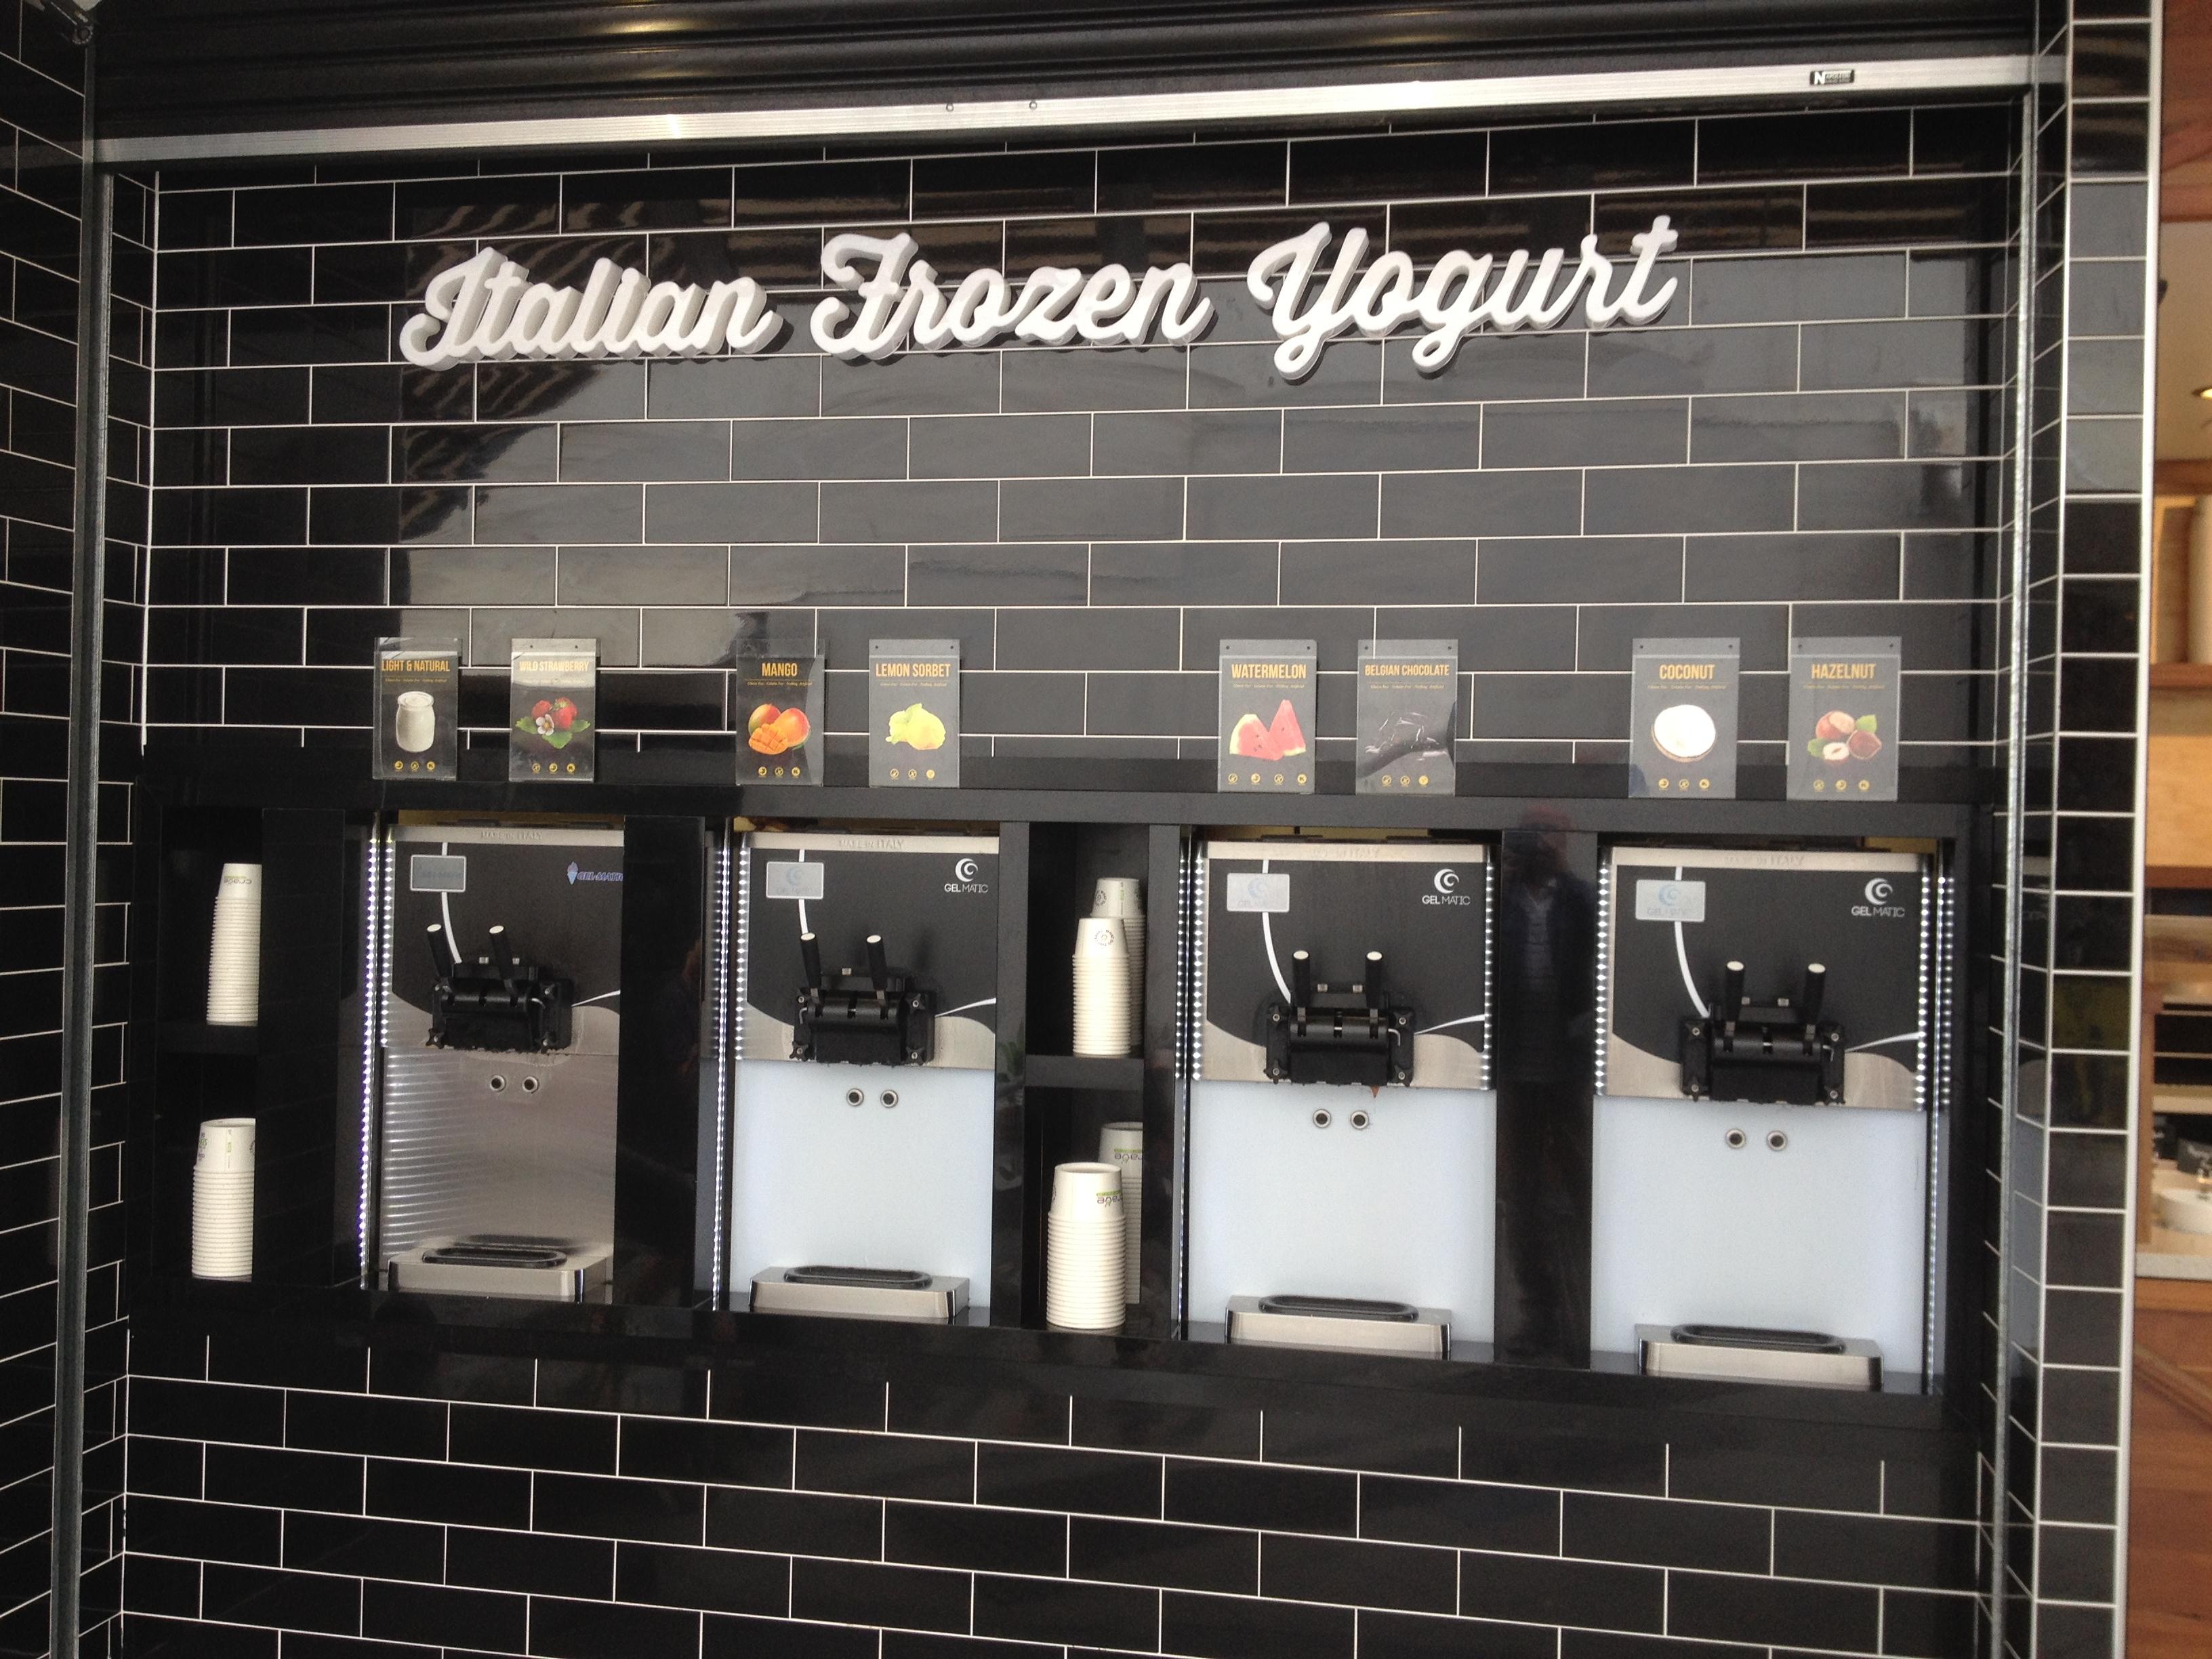 yogurt vending machine